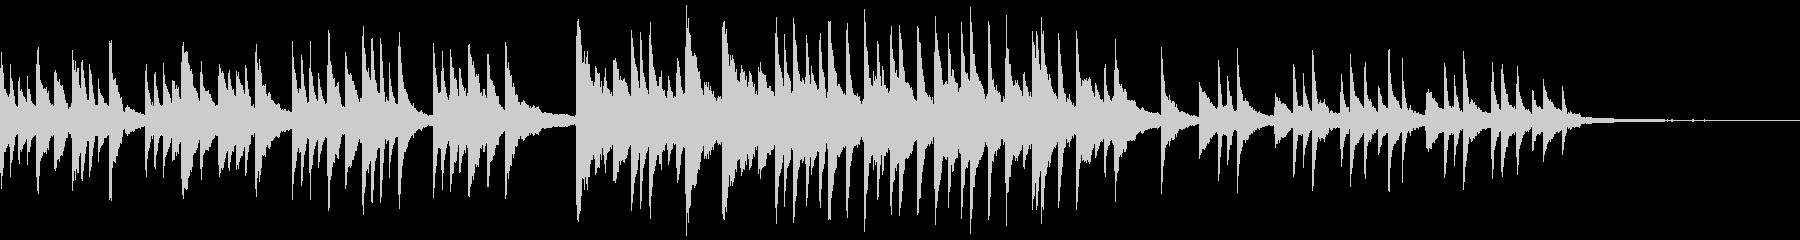 短いピアノソロ曲の未再生の波形